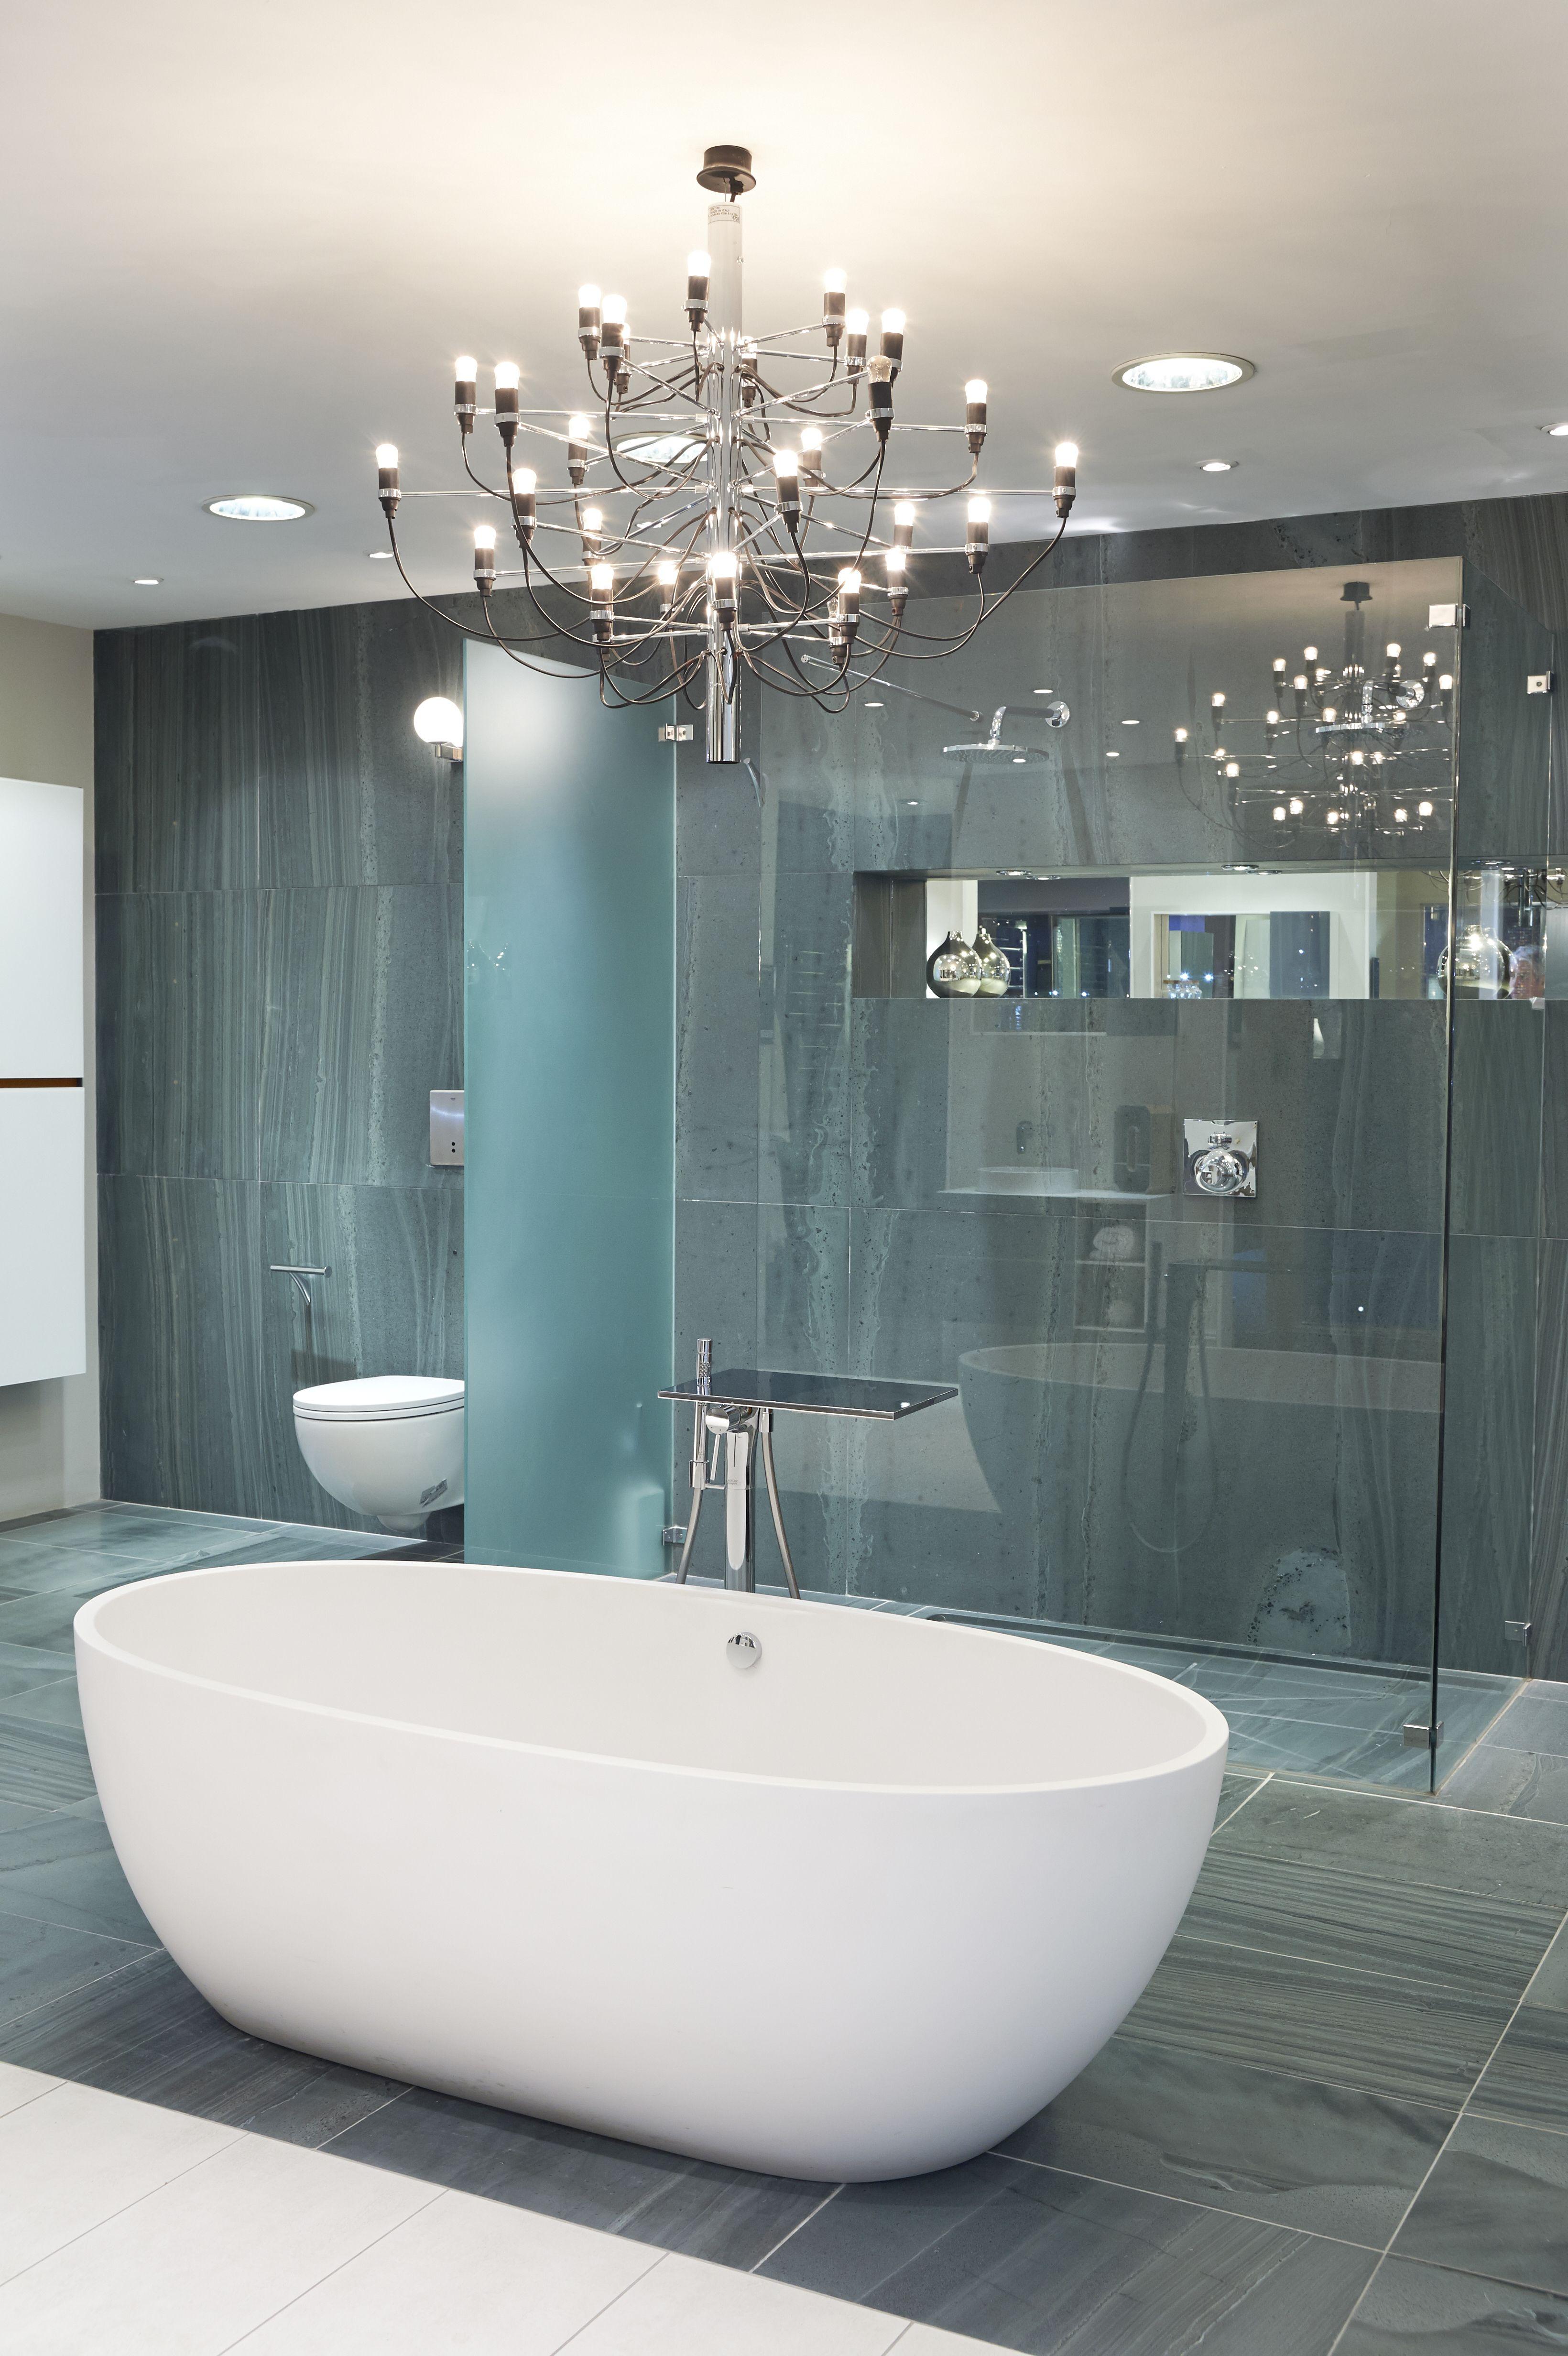 Waterloo Bathroom Showroom Waterloo Bathroomdesign Interior - Bathrooms waterloo